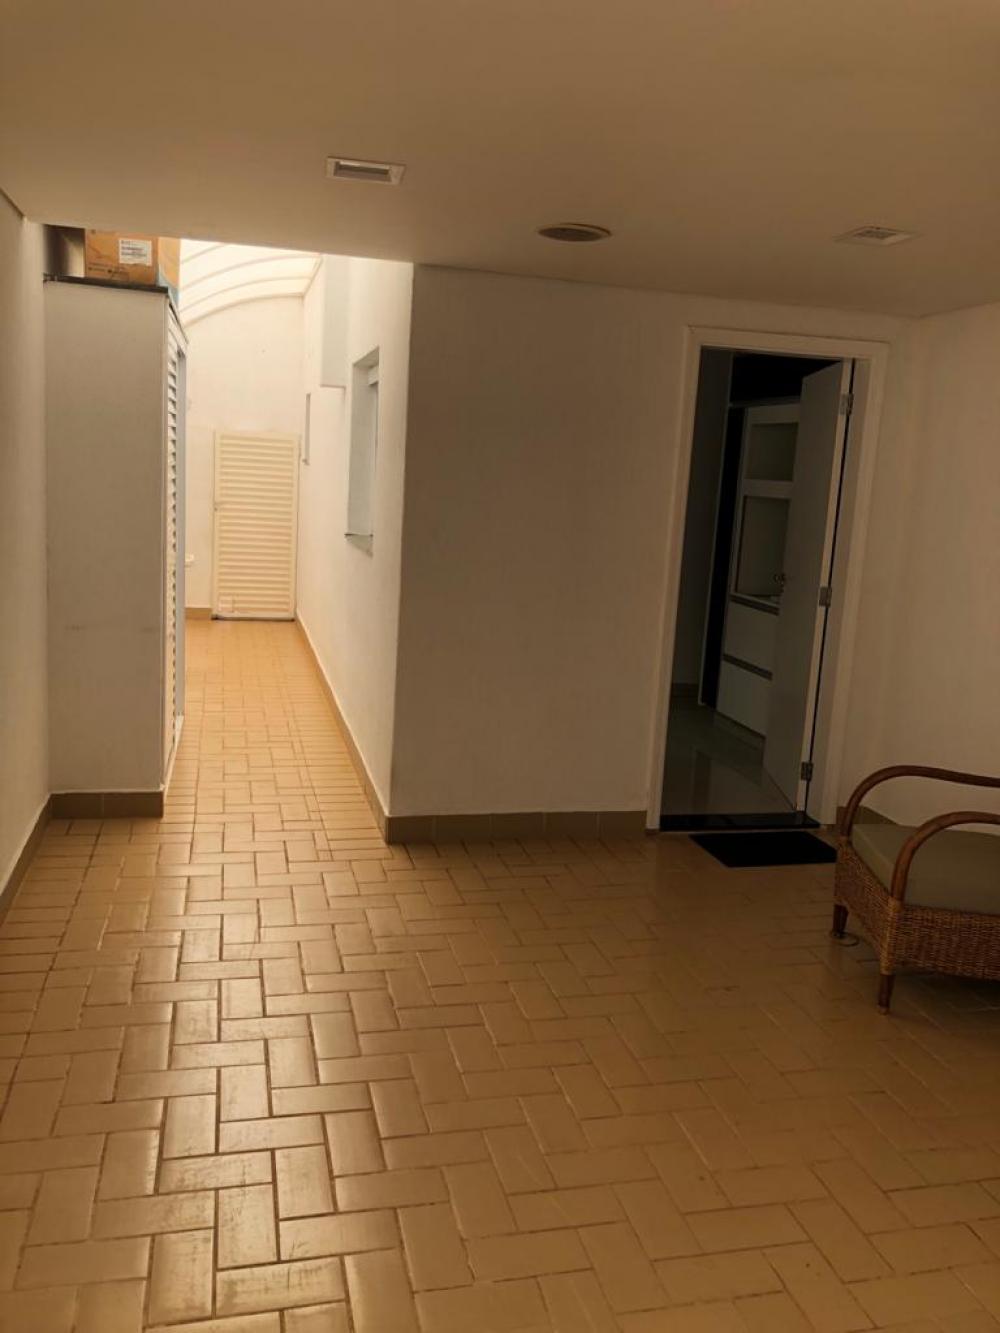 Alugar Casa / Condomínio em São José do Rio Preto R$ 2.100,00 - Foto 8